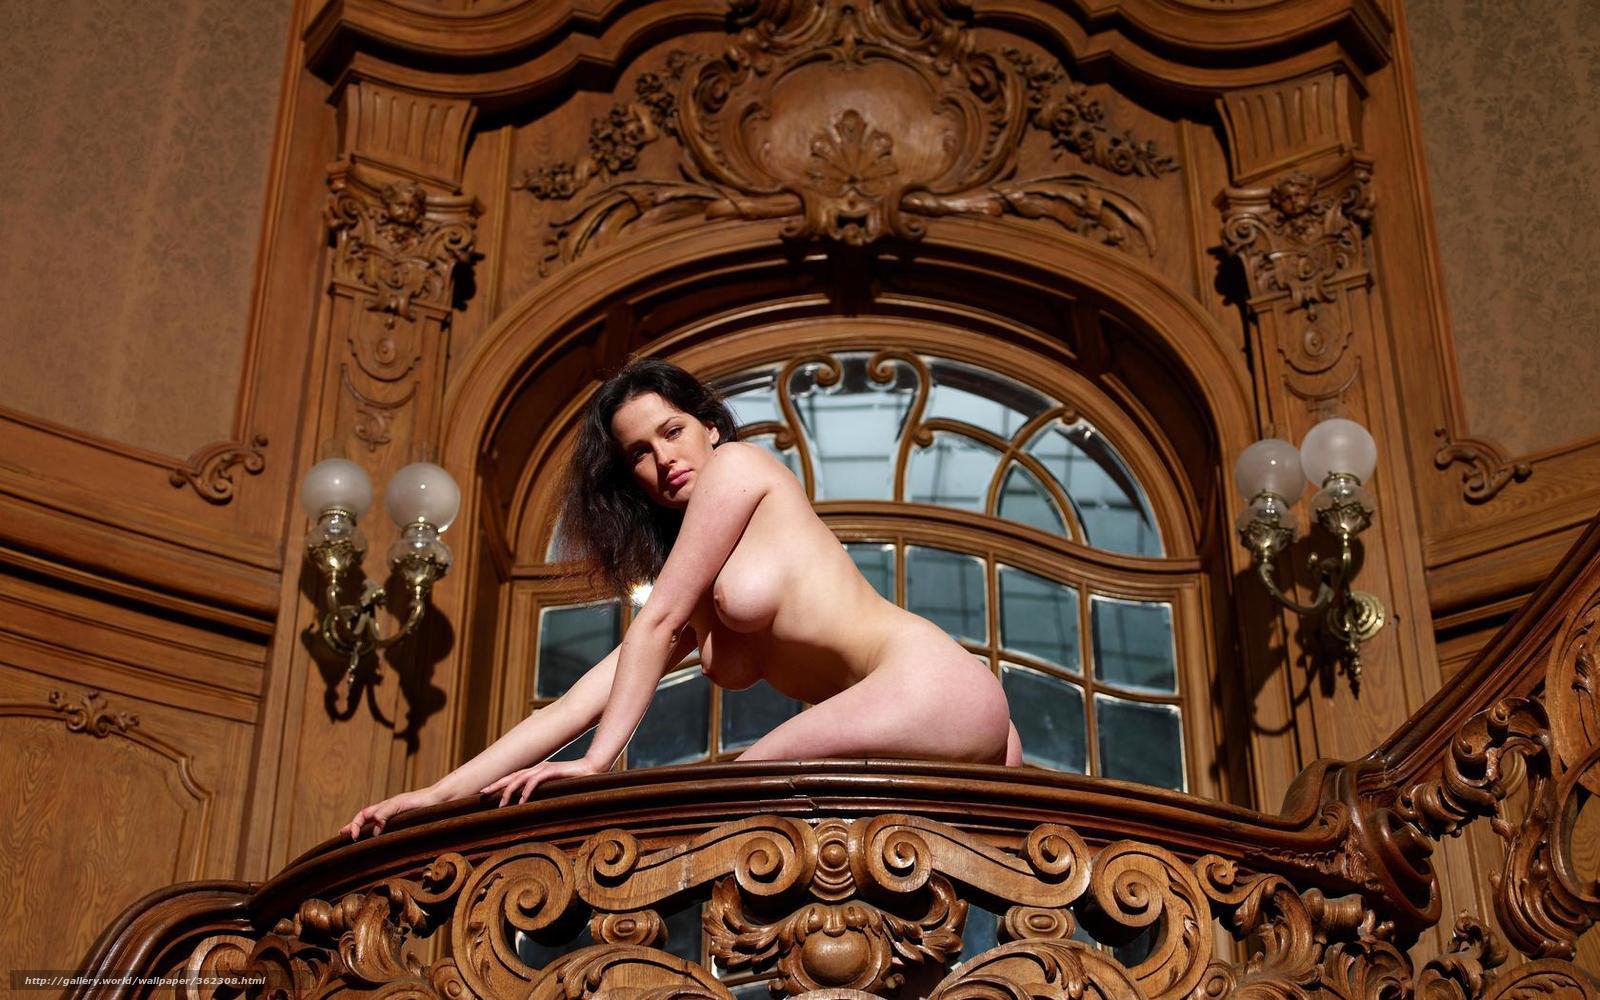 Смотреть онлайн бесплатно эротика во дворце 2 фотография